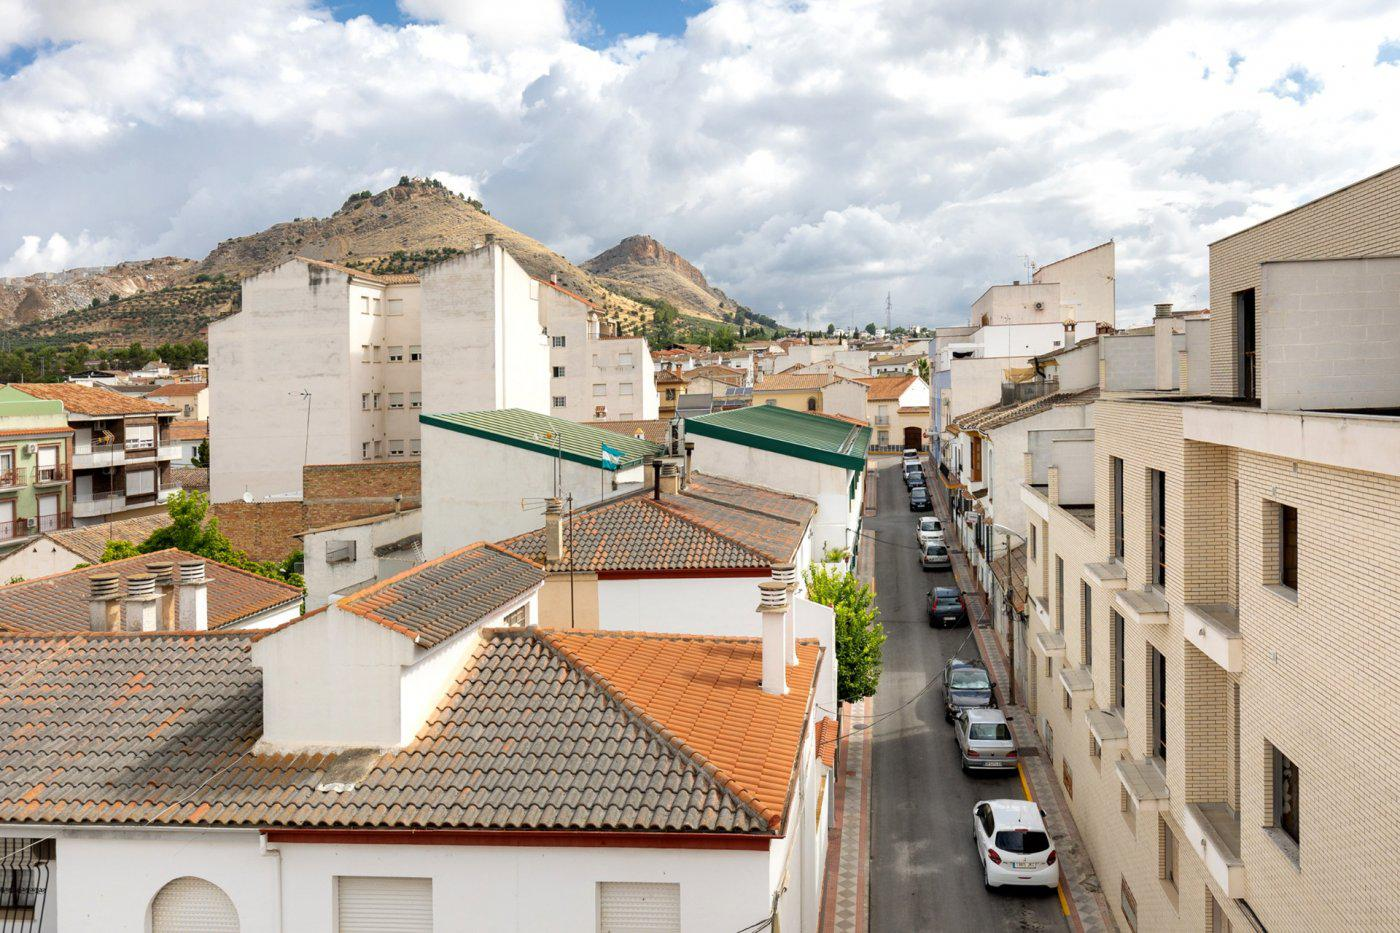 Imagen 4 Ático en venta en Atarfe / Zona céntrica de Atarfe, junto Avda. Andalucía